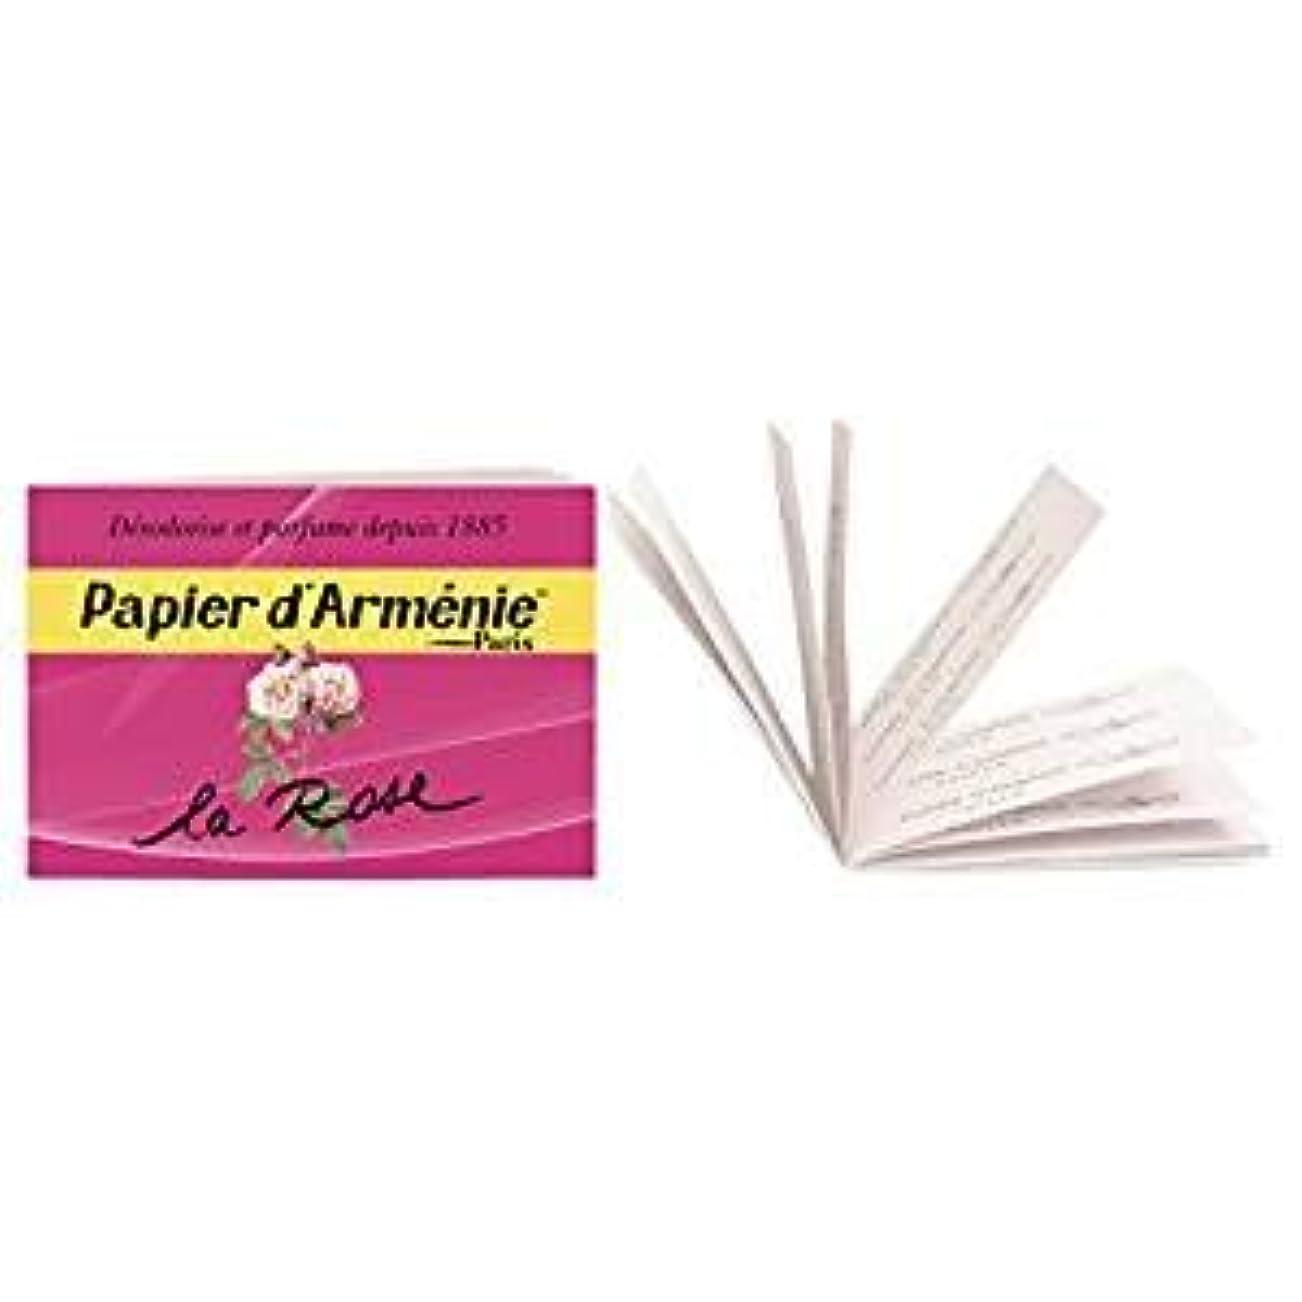 ぼろコンドーム上院Papier d'Arménie パピエダルメニイ ローズ 紙のお香 フランス直送 [並行輸入品] (1個)